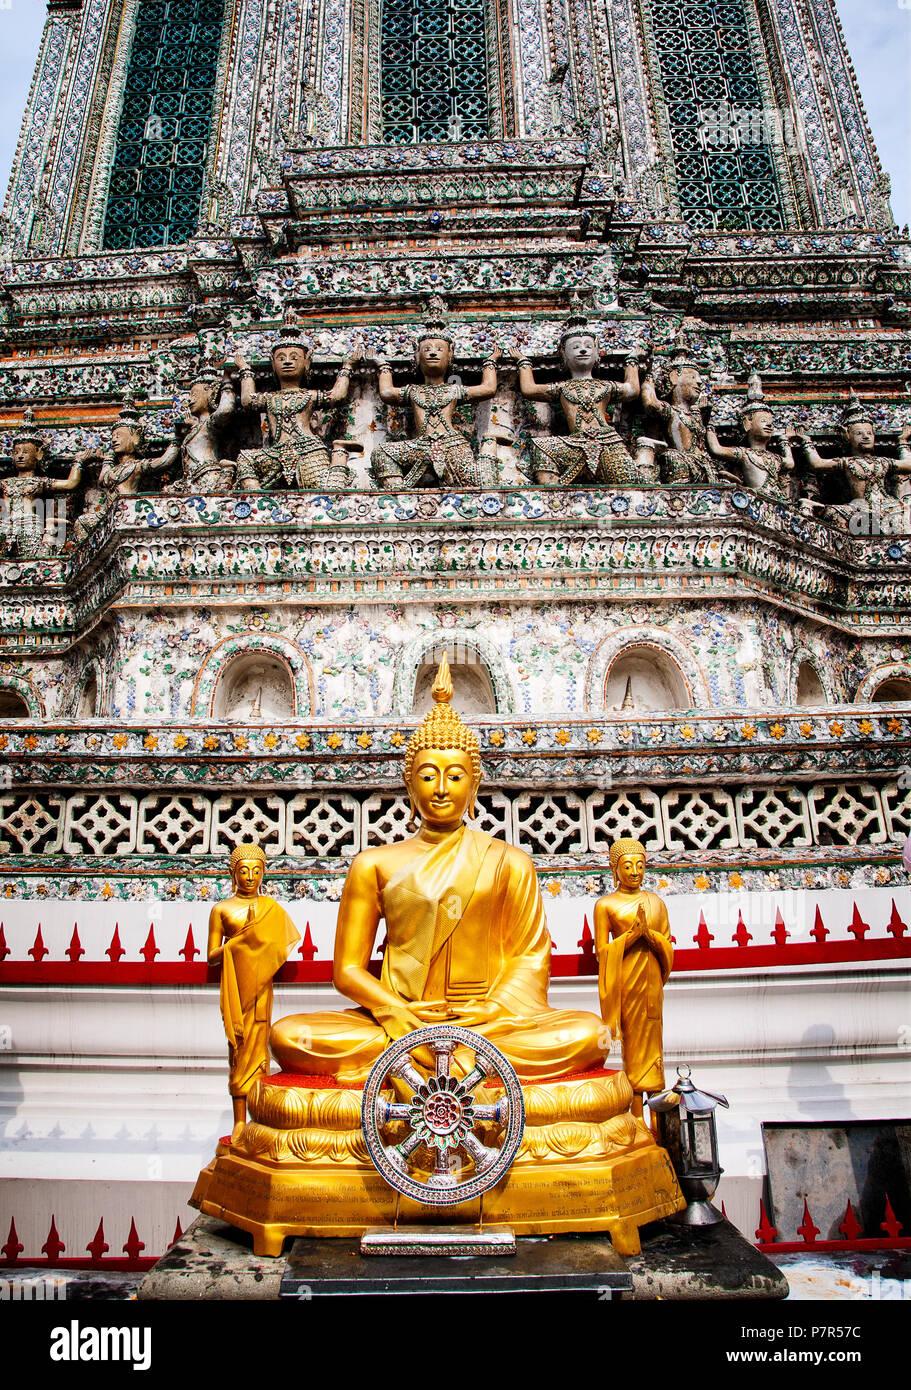 Un Bouddha en or ornent l'extérieur de Wat Arun sur le Choa Phraya. Bangkok, Thaïlande. Banque D'Images